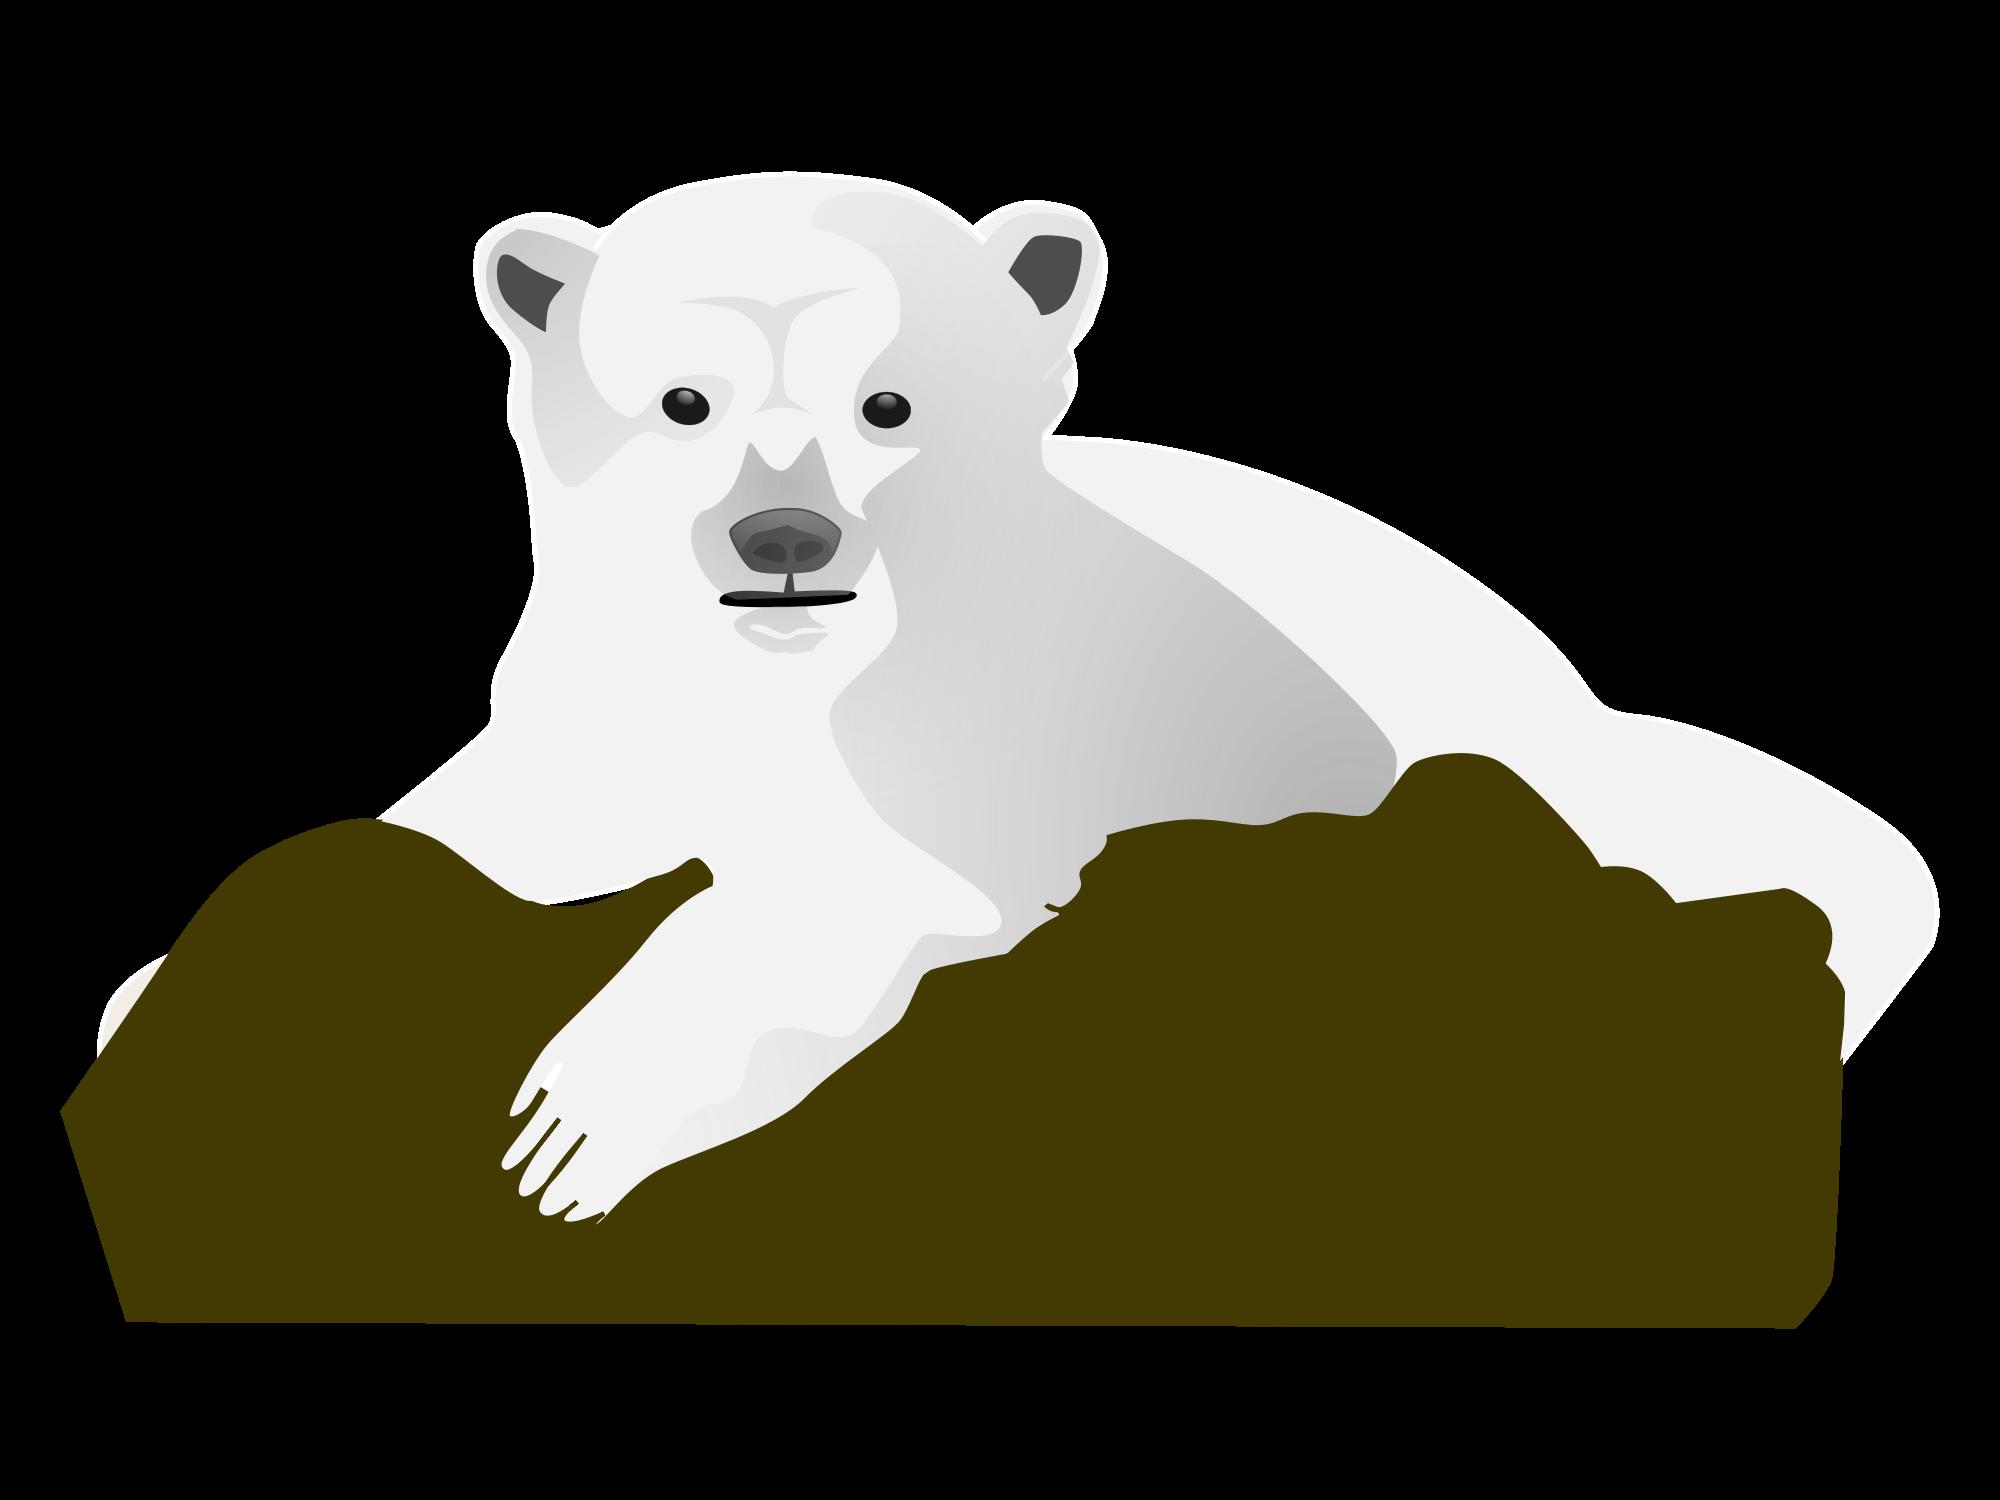 2000x1500 Filepolar Bear Clip Art.svg